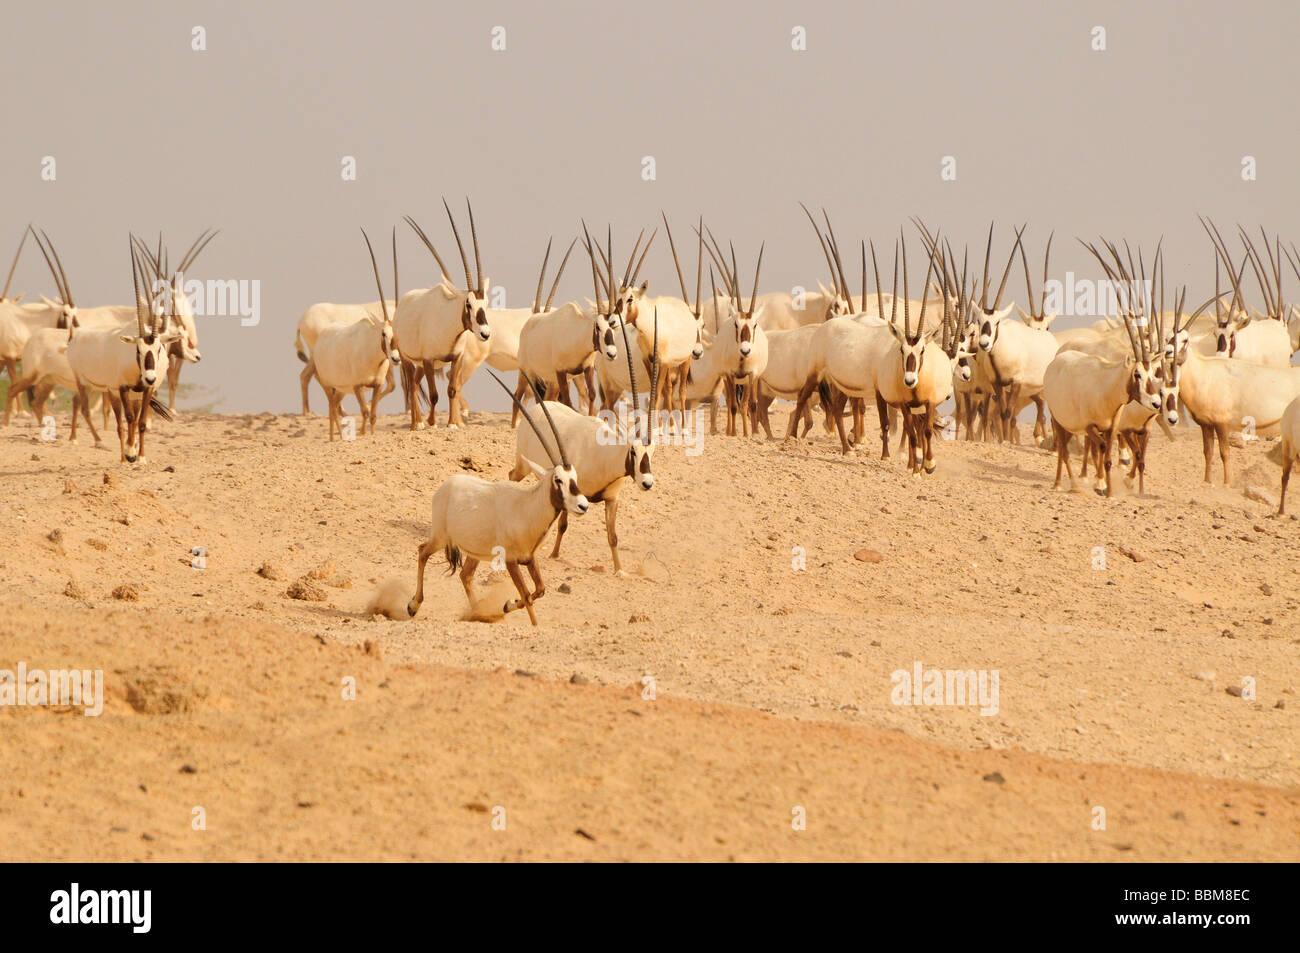 Arabian Oryx (Arabian oryx), Sir Bani Yas Island, Abu Dhabi, Emirati Arabi Uniti, Arabia, vicino Oriente, Orient Immagini Stock